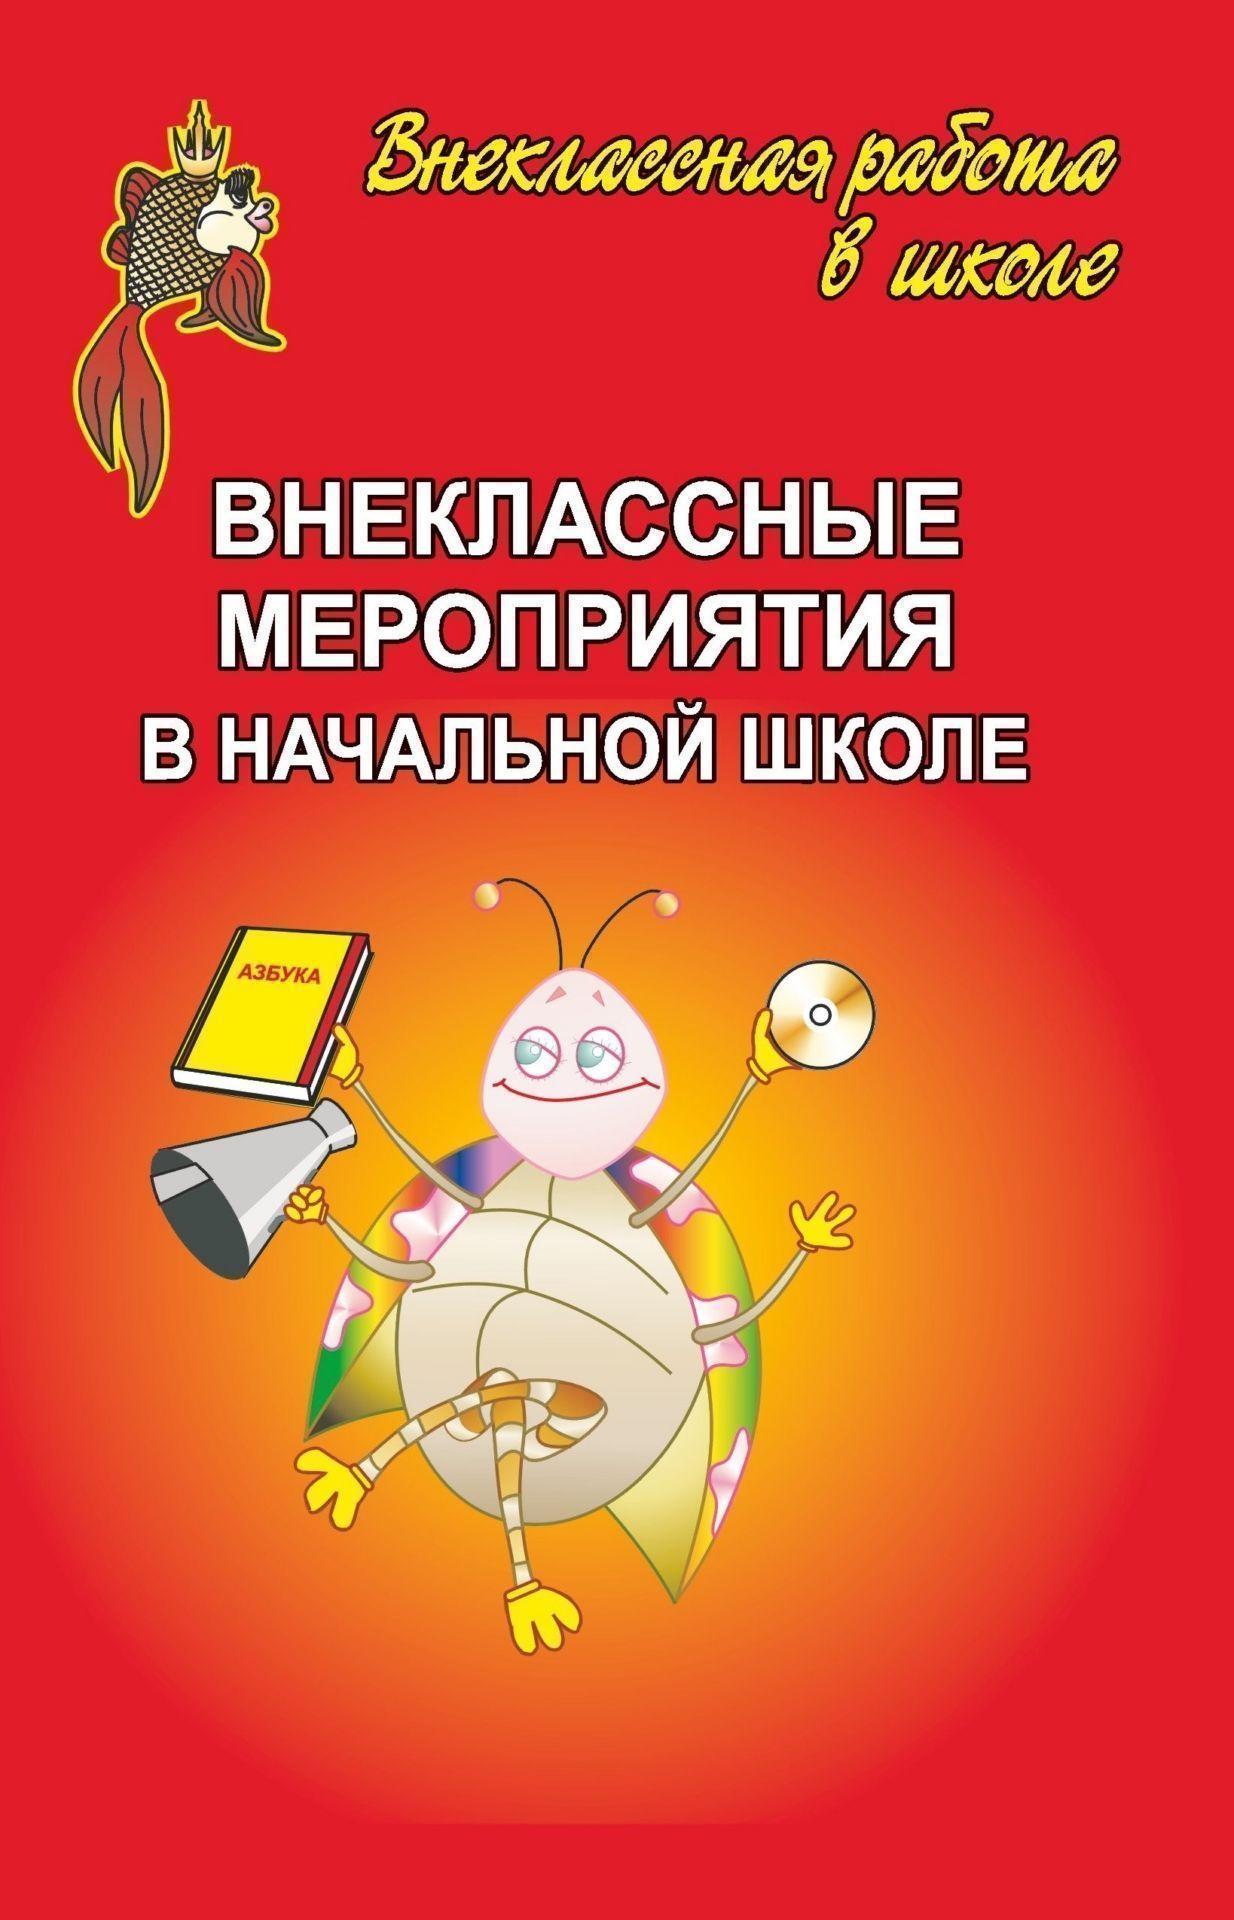 Внеклассные мероприятия в начальной школе. Вып. 1.